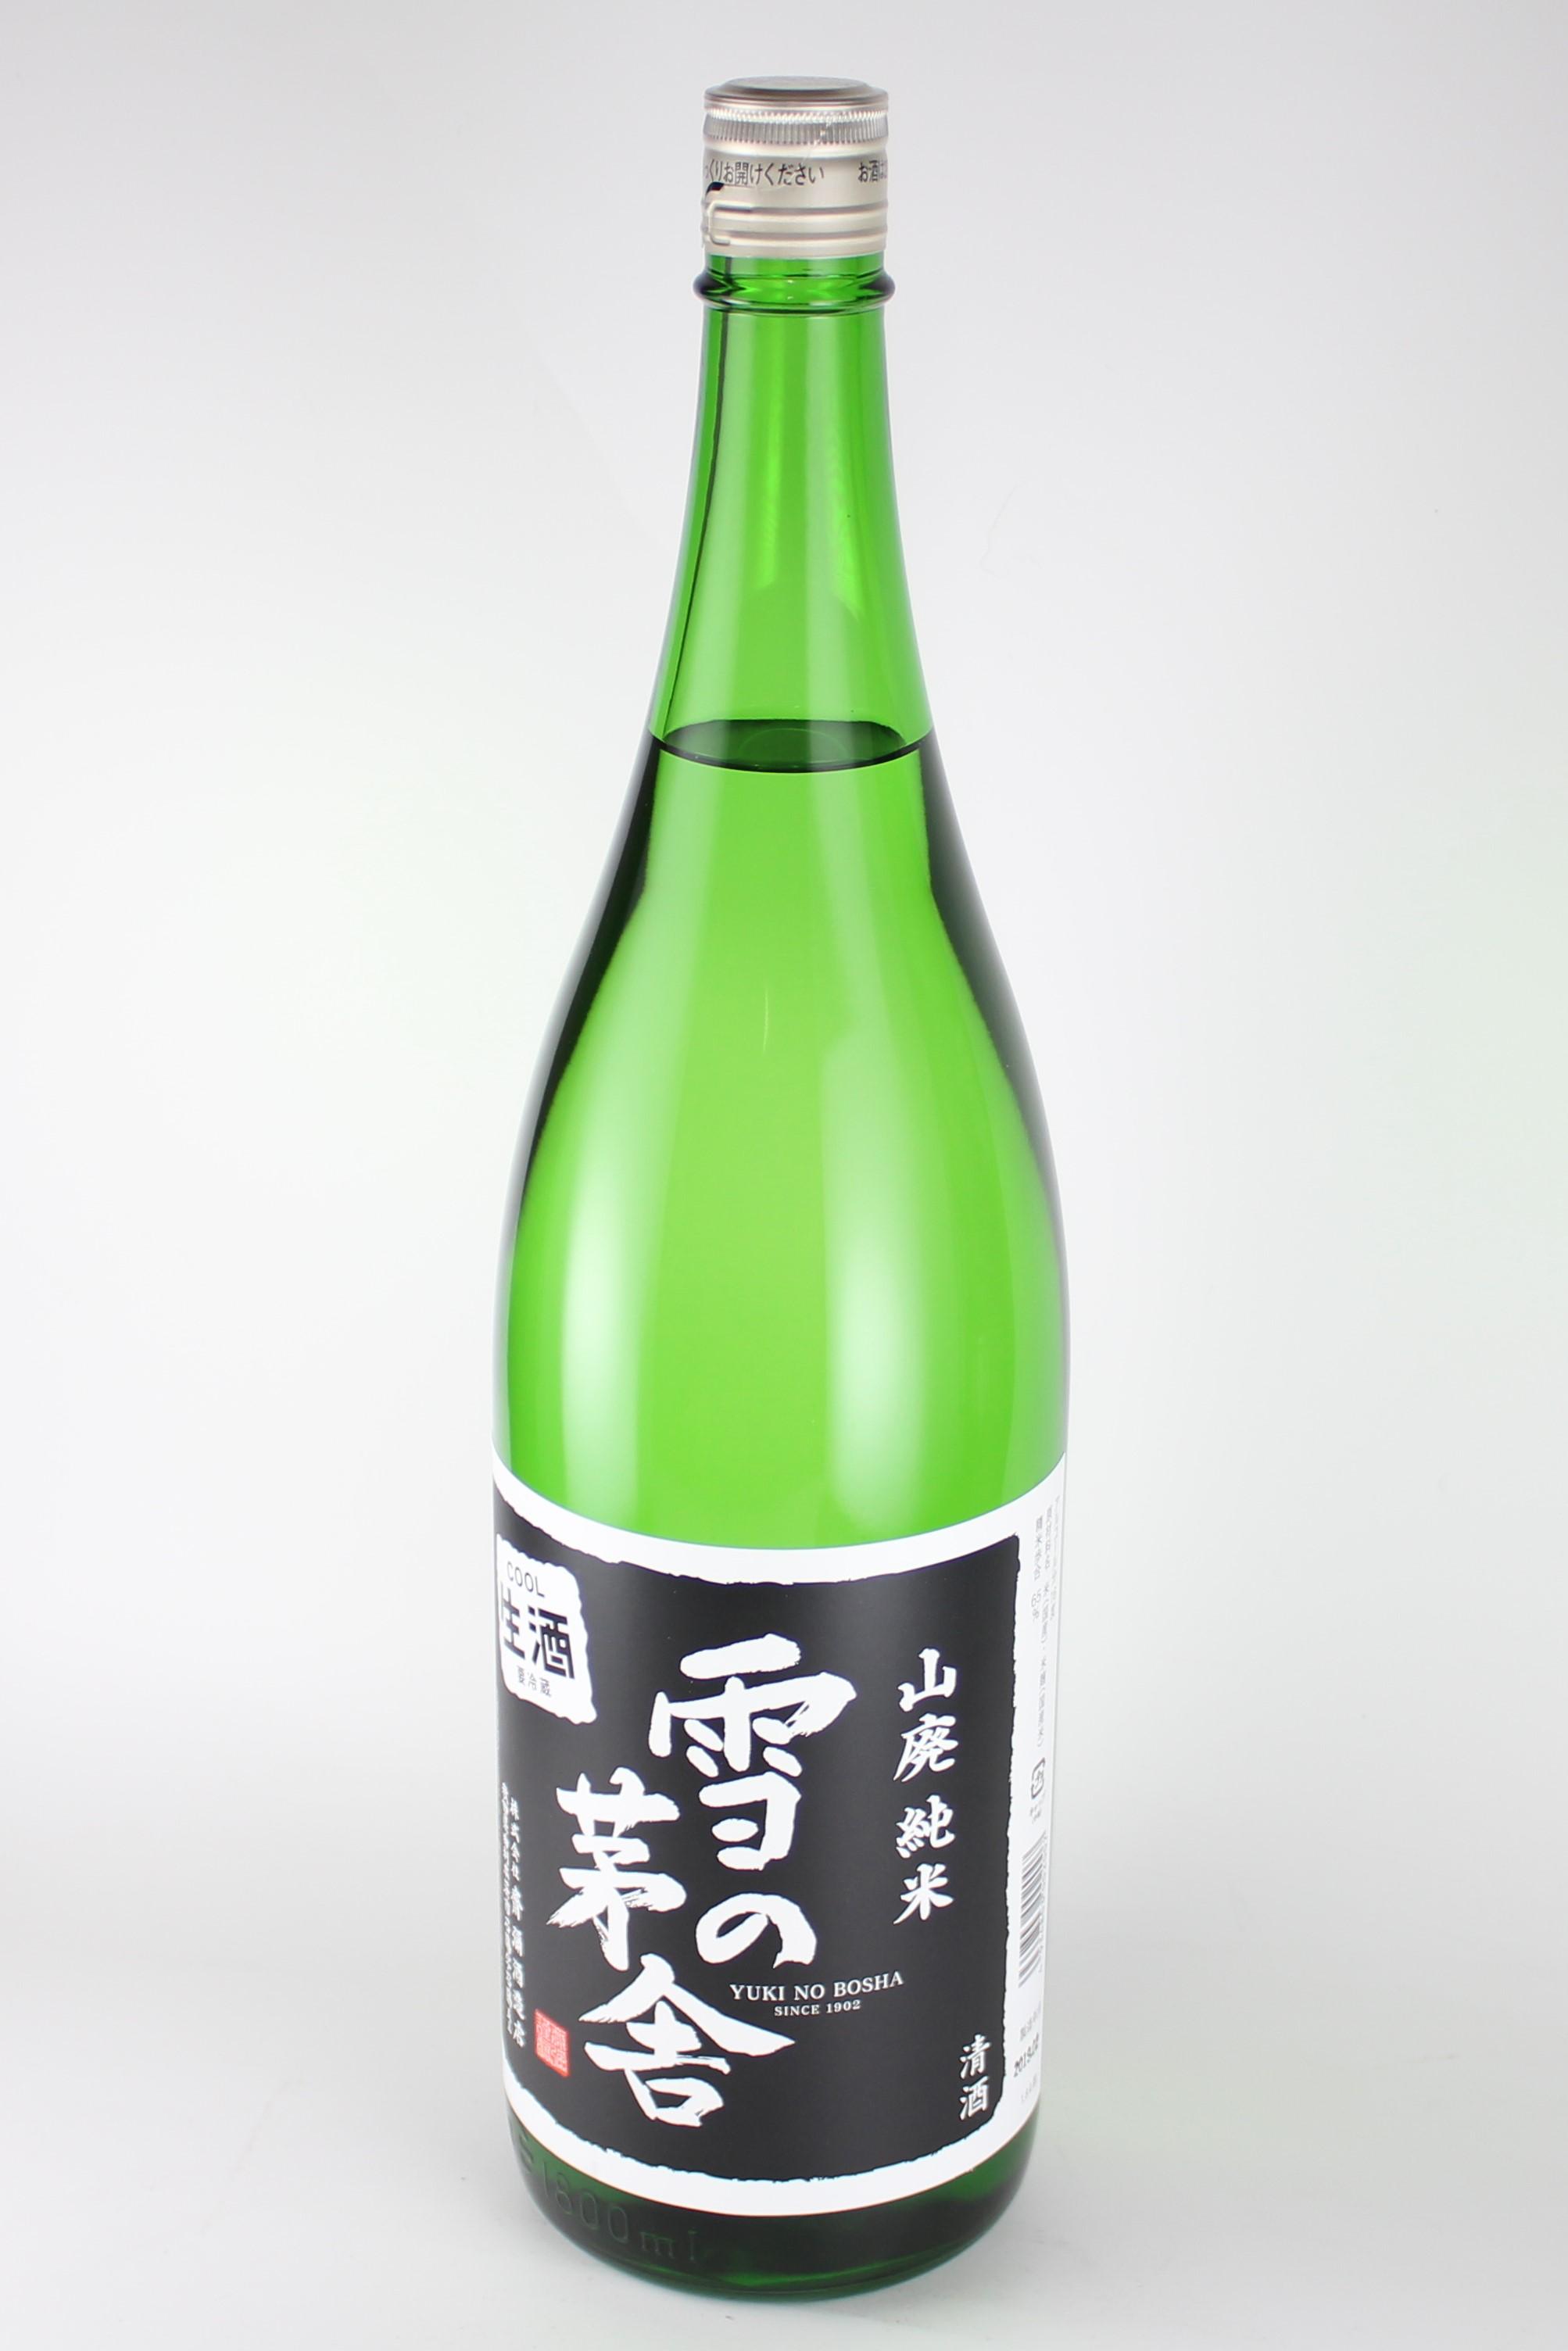 雪の茅舎 山廃純米しぼりたて生酒 1800ml 【秋田/齋彌酒造店】